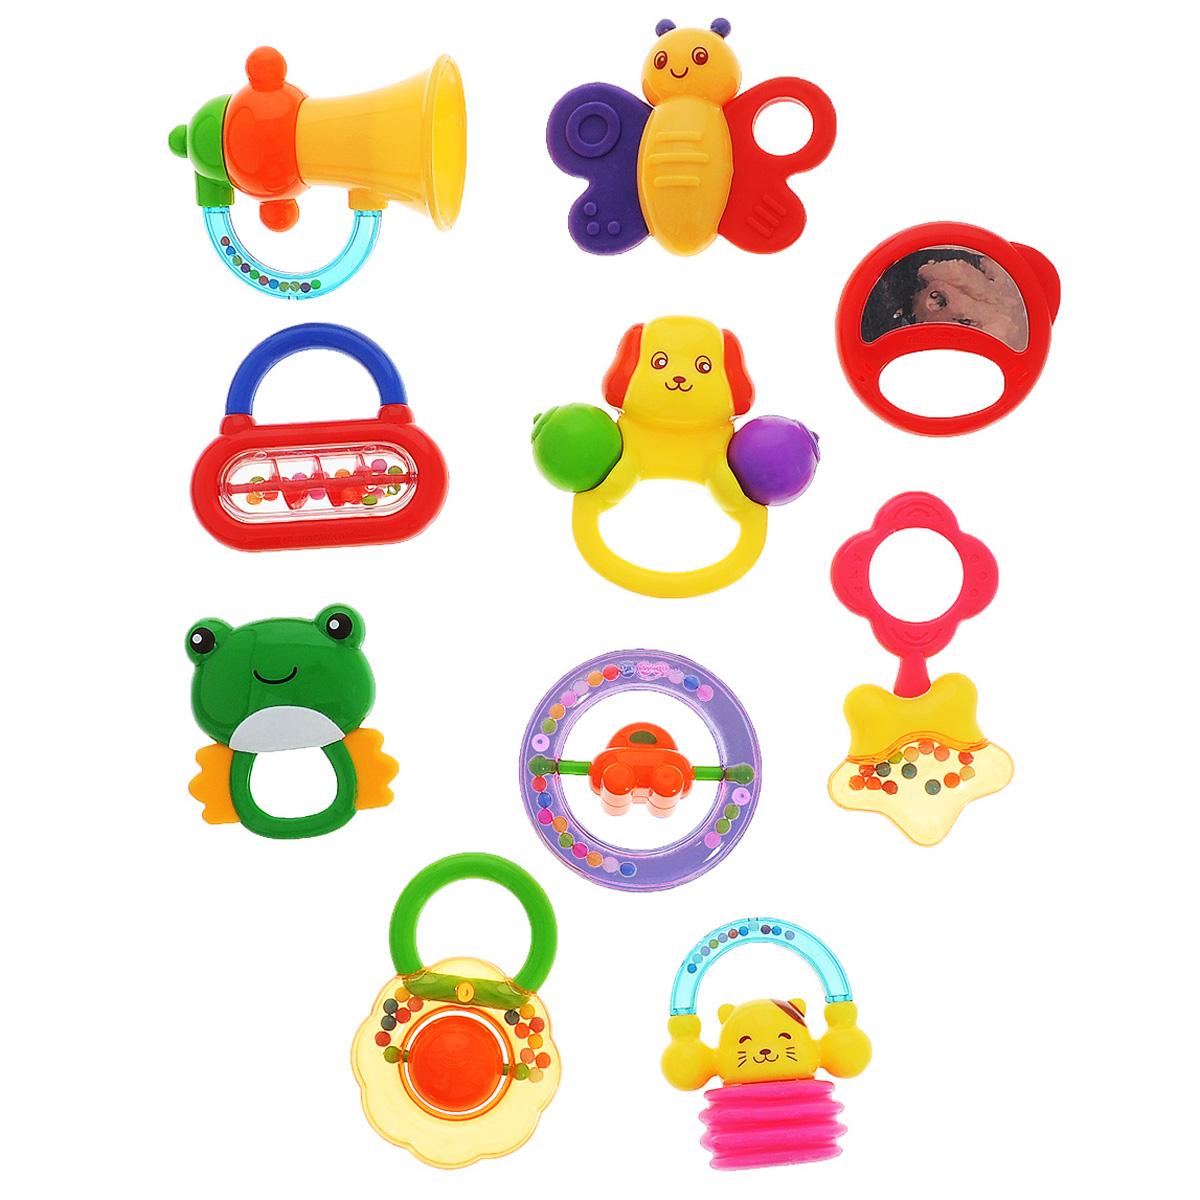 Набор игрушек-погремушек Малышарики, 10 шт нтм игрушка пластм набор погремушек 4602010375831 мульт